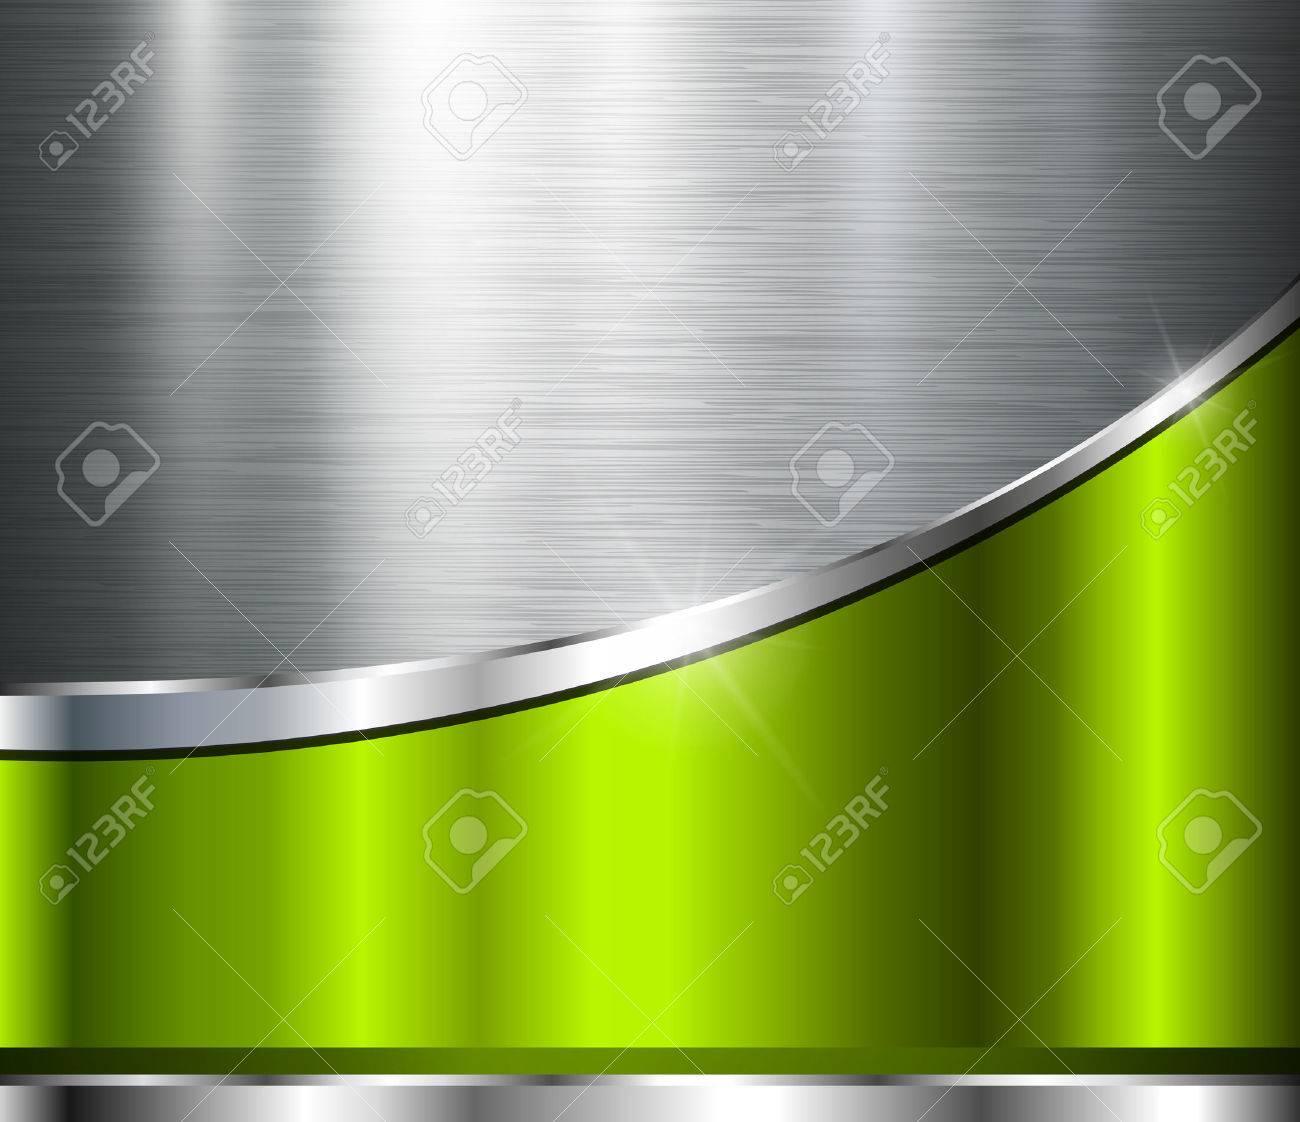 Fondo gris metalico fondo met lico de la textura de acero pulido dise o del vector